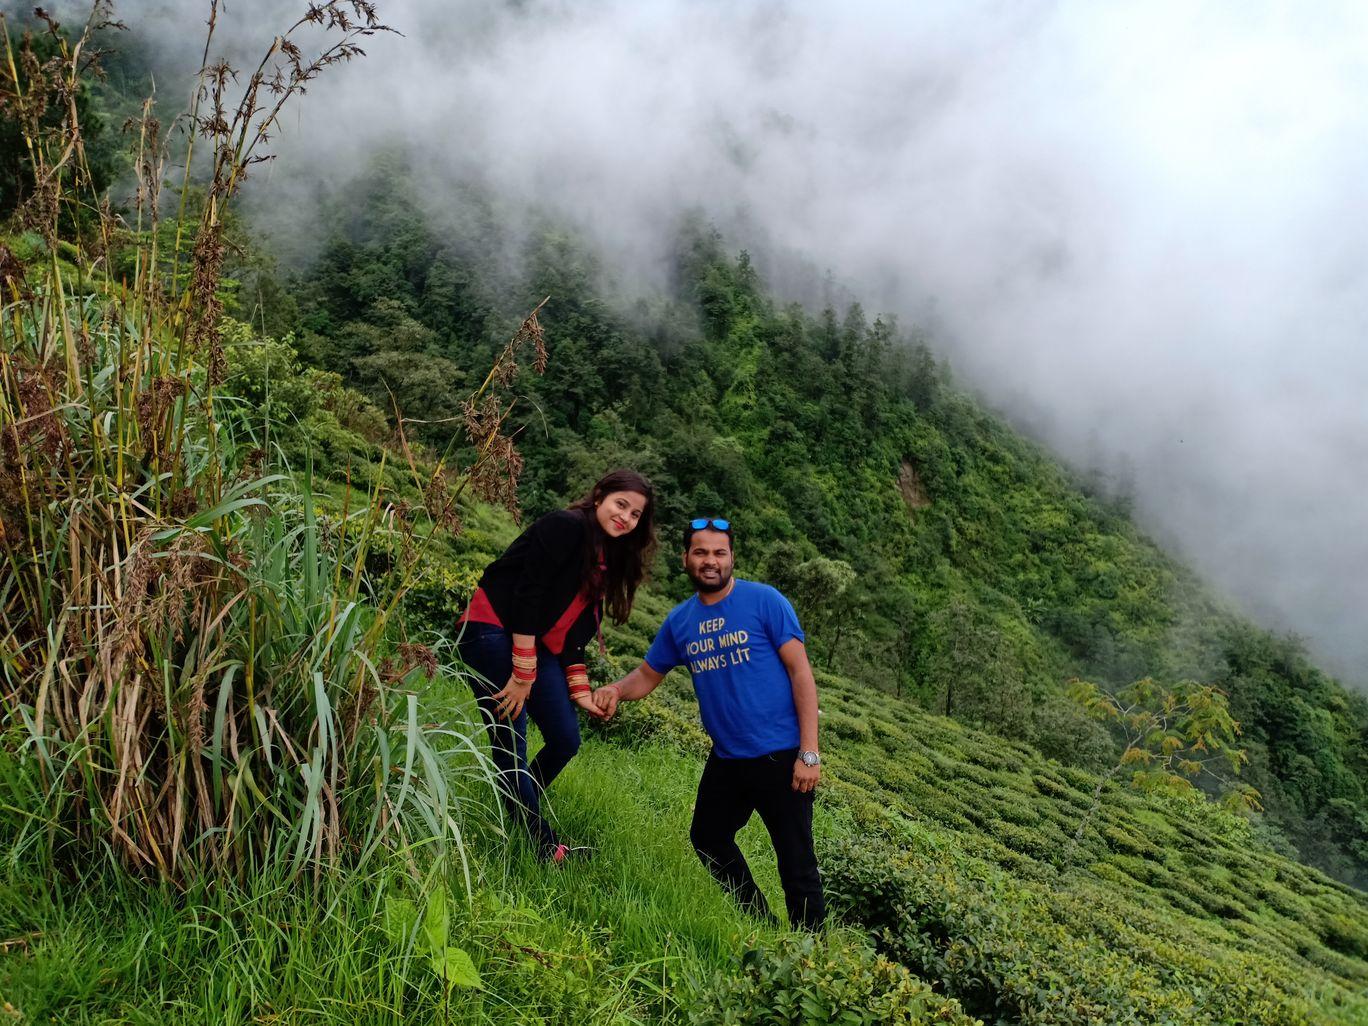 Photo of Darjeeling By Jaiswal Priti